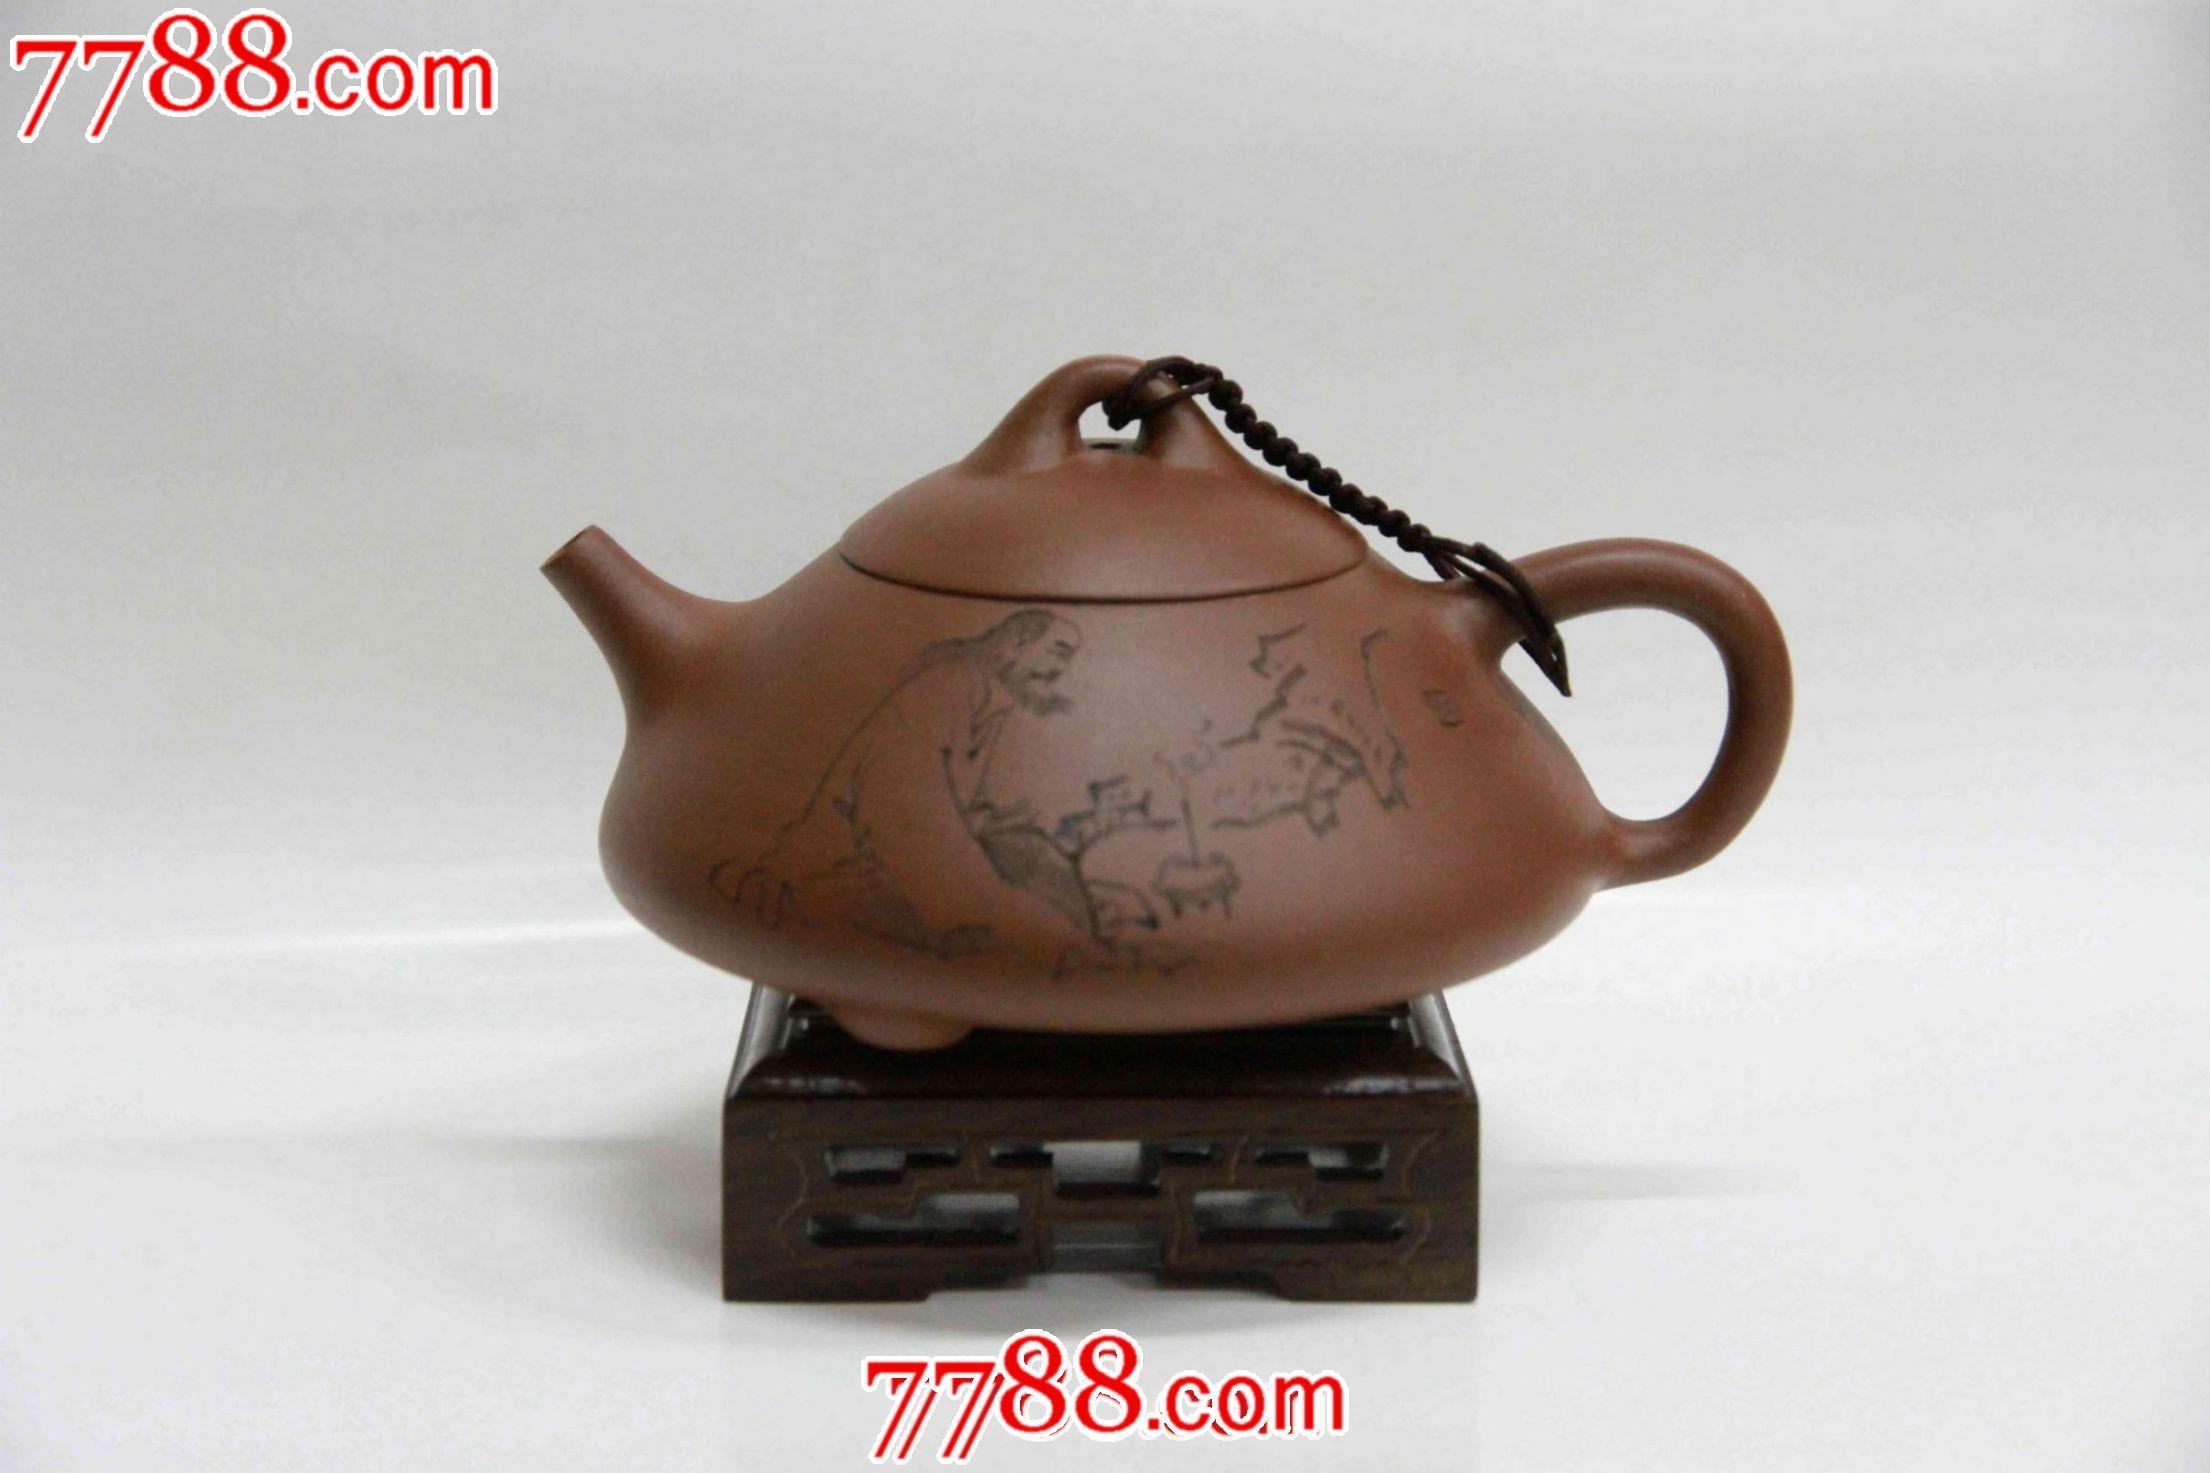 紫砂壶(石瓢)-价格:2280元-se24223410-紫砂壶视频拉花图片